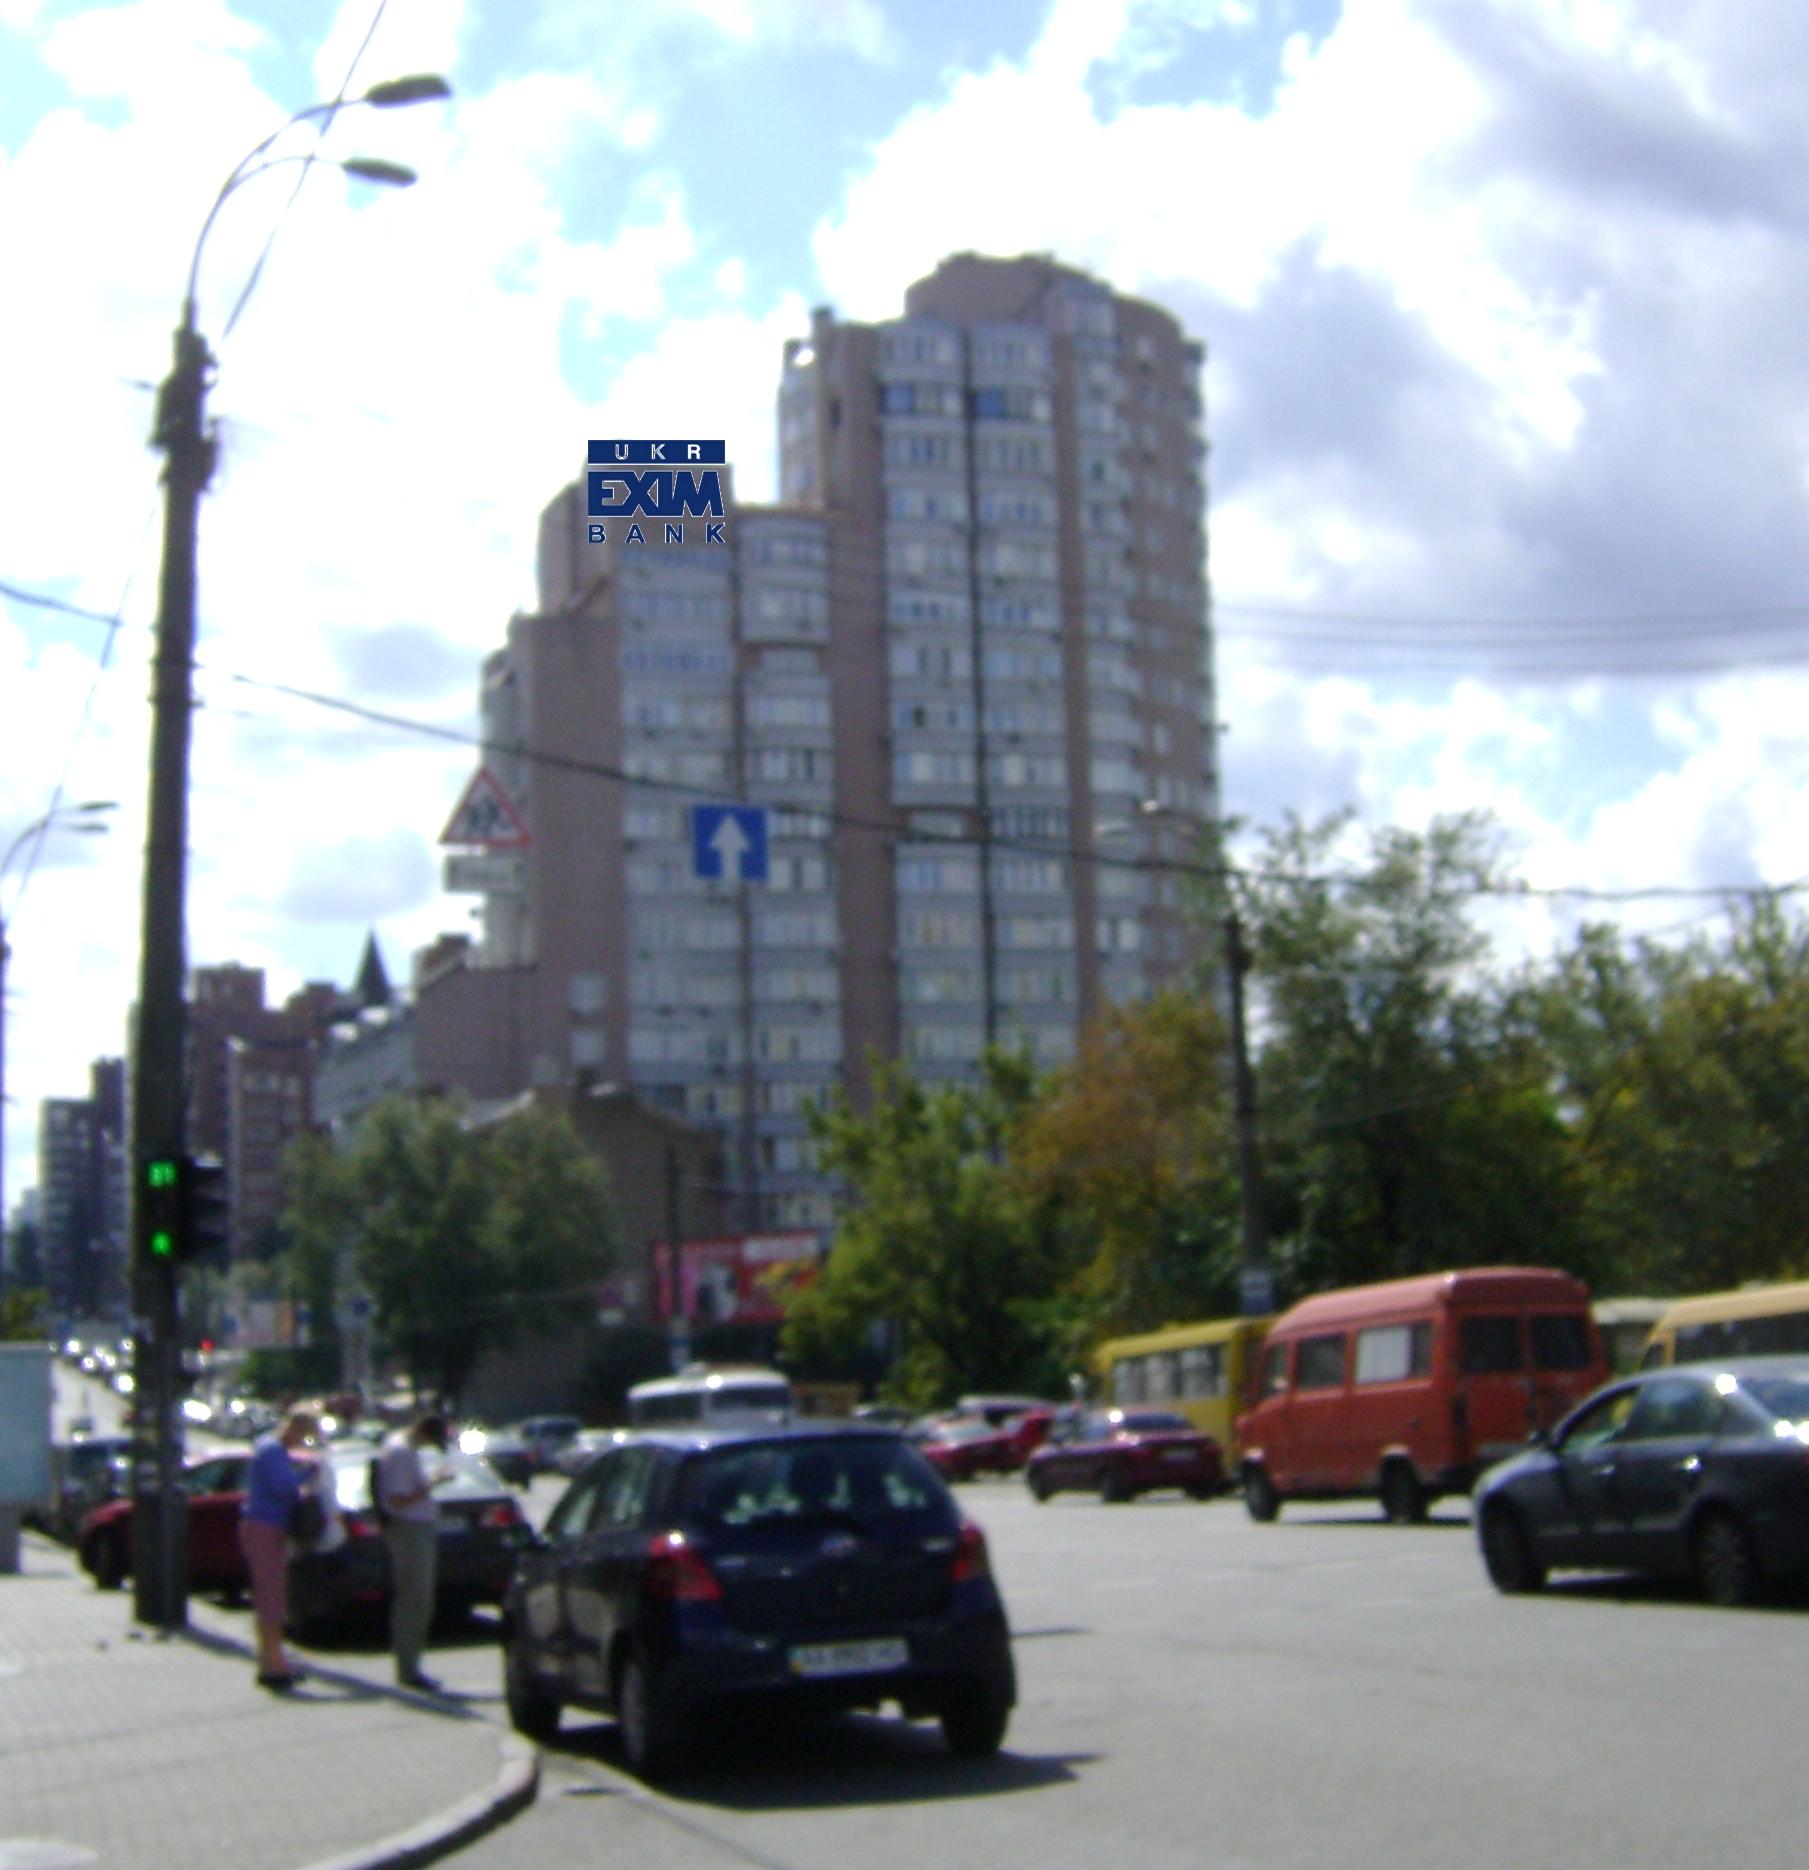 Дизайн накрышной рекламной конструкции для УКРЕКСІМБАНК